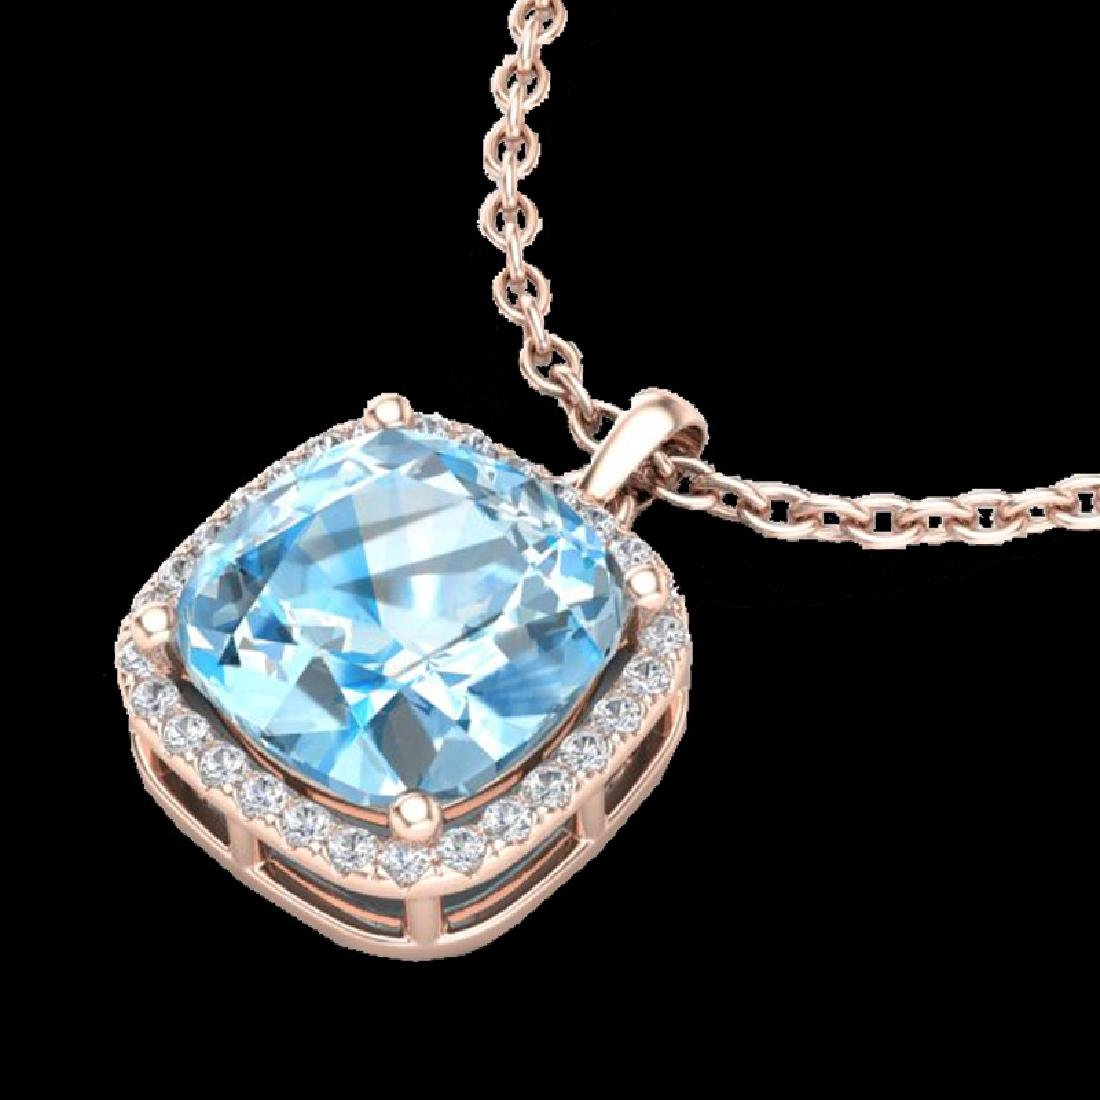 6 CTW Sky Blue Topaz & Pave Halo VS/SI Diamond Necklace